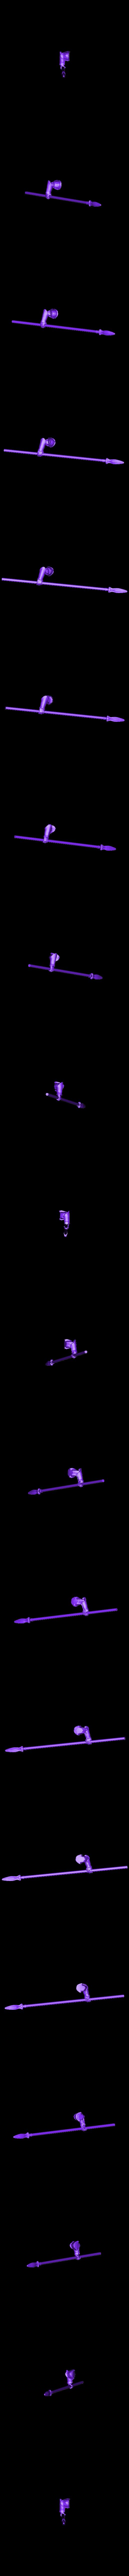 spear_v2.stl Télécharger fichier STL gratuit Infatrie des elfes / Miniatures des lanciers • Plan imprimable en 3D, Ilhadiel